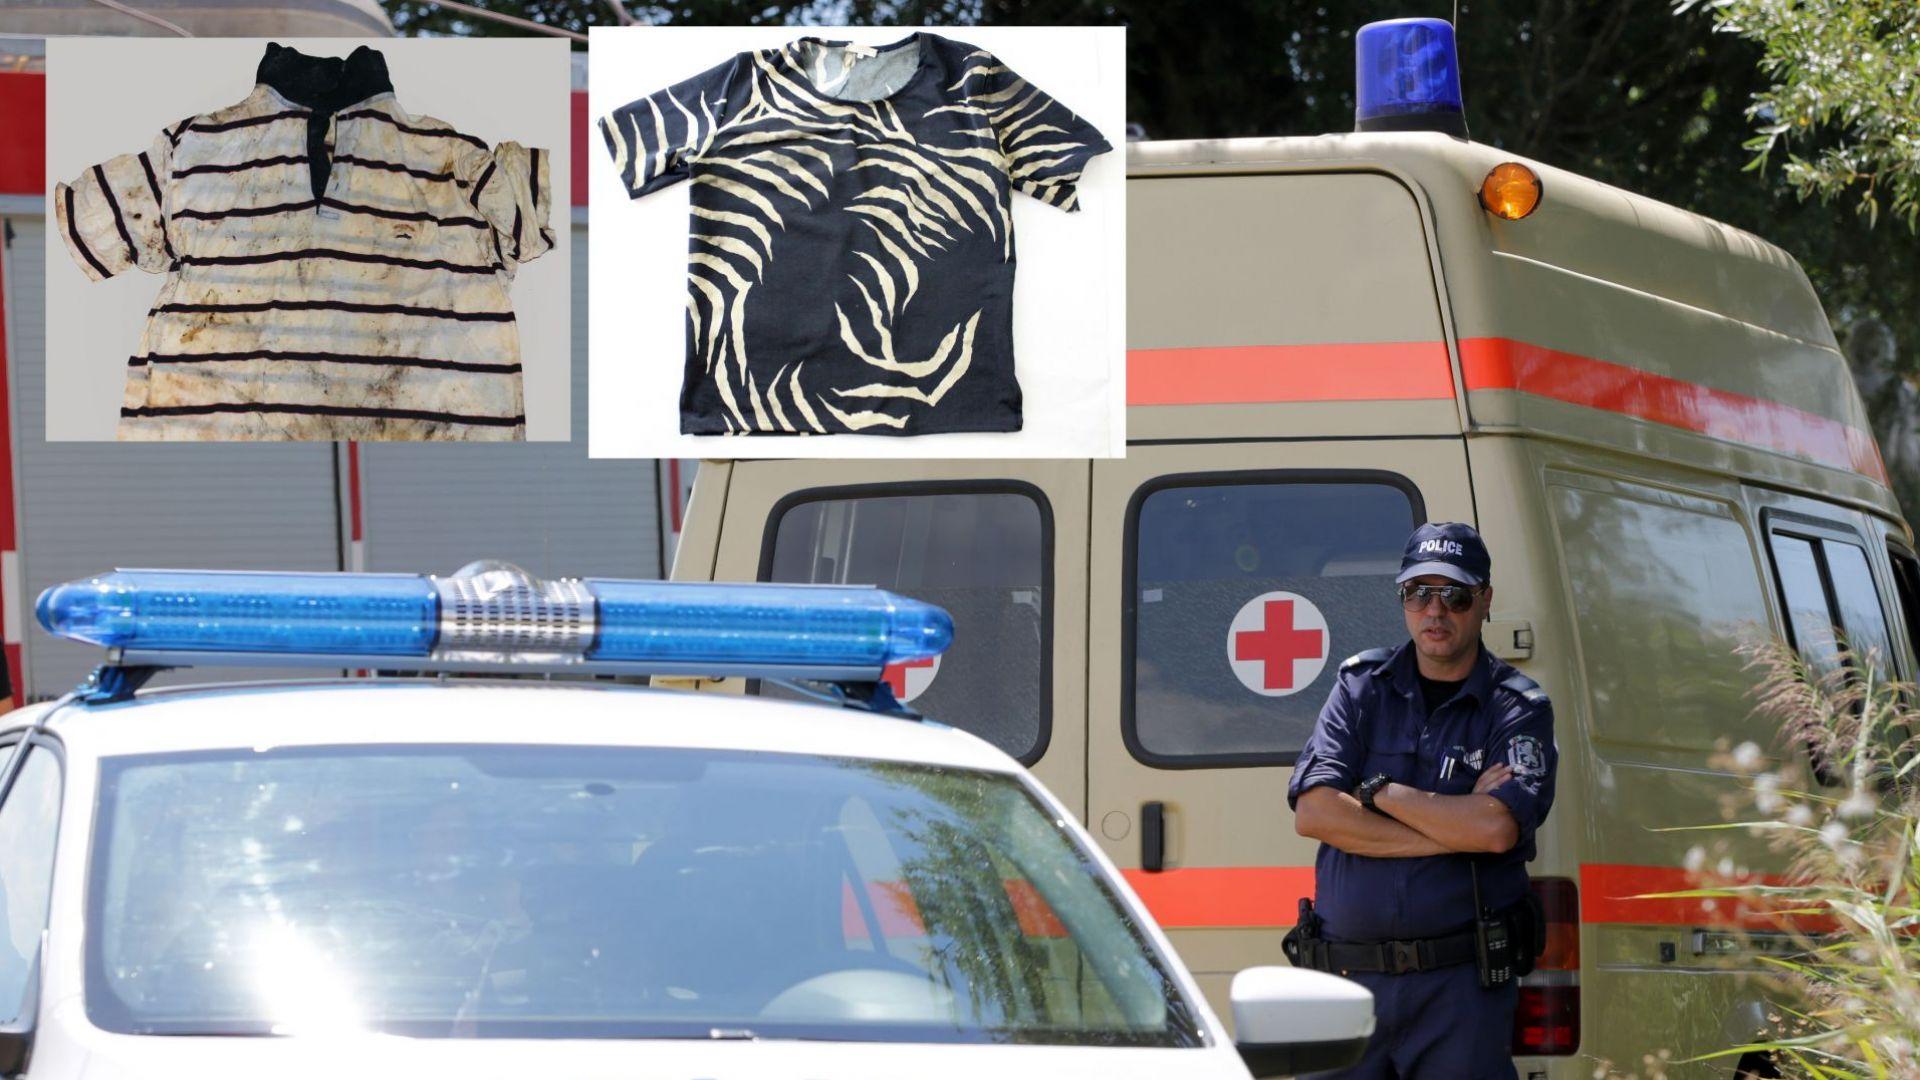 МВР пусна снимки на дрехите на убитите, чиито трупове бяха открити край Негован